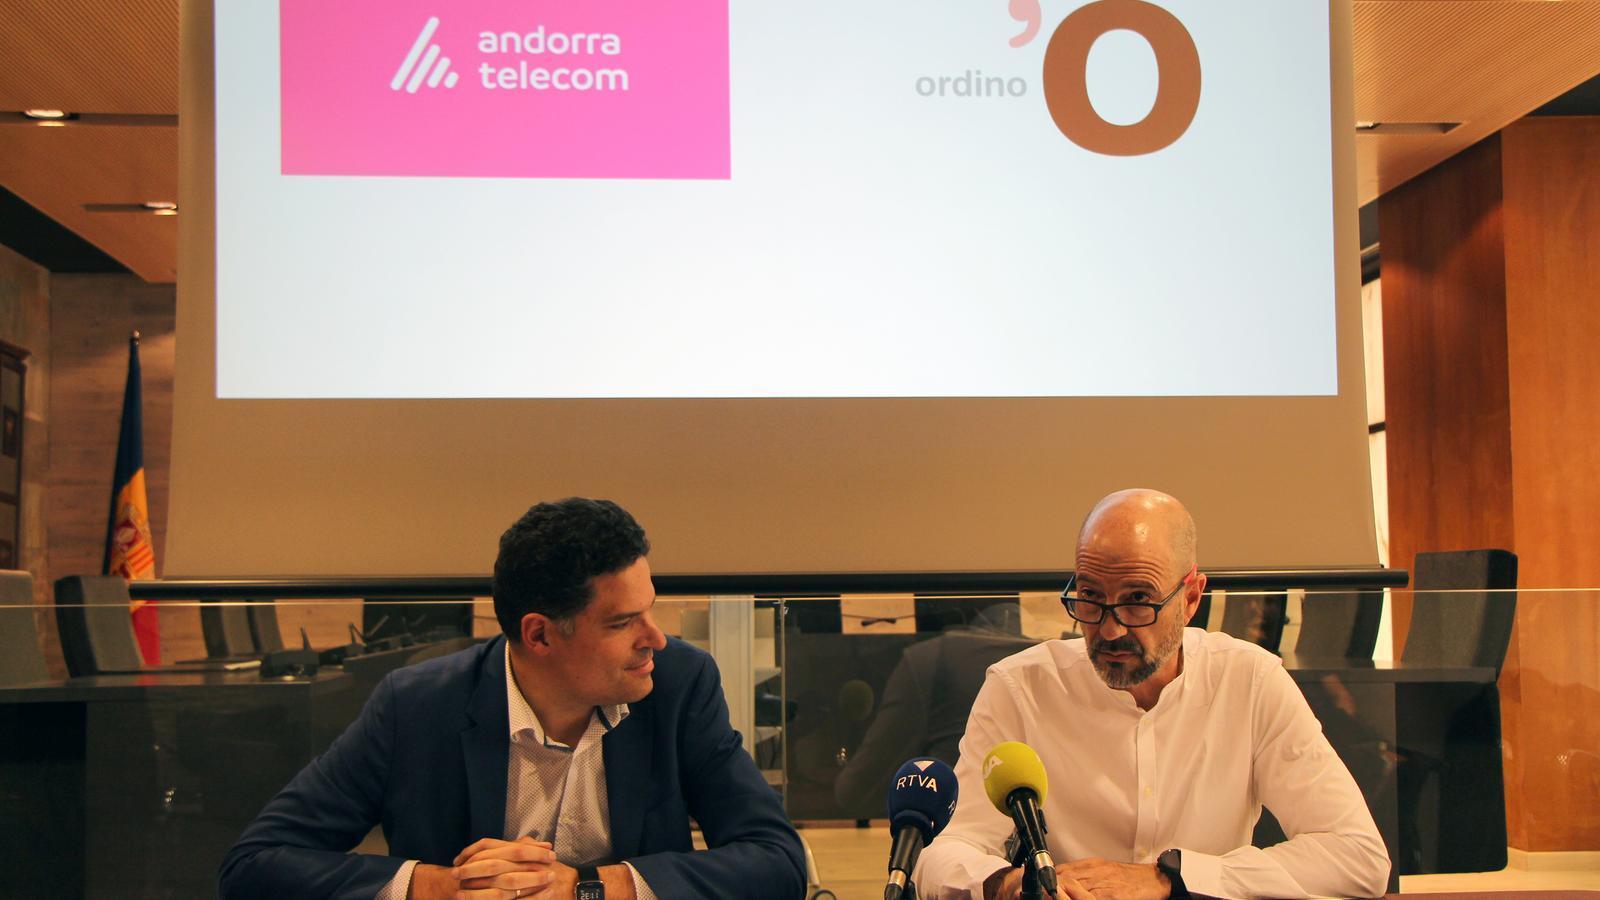 El responsable d'empresa d'Andorra Telecom, Josep Vilana, i el conseller d'Administració, Comunicació i Comerç del comú d'Ordino, Xavier Herver, fan balanç del servei Som Cloud. / C. G. (ANA)